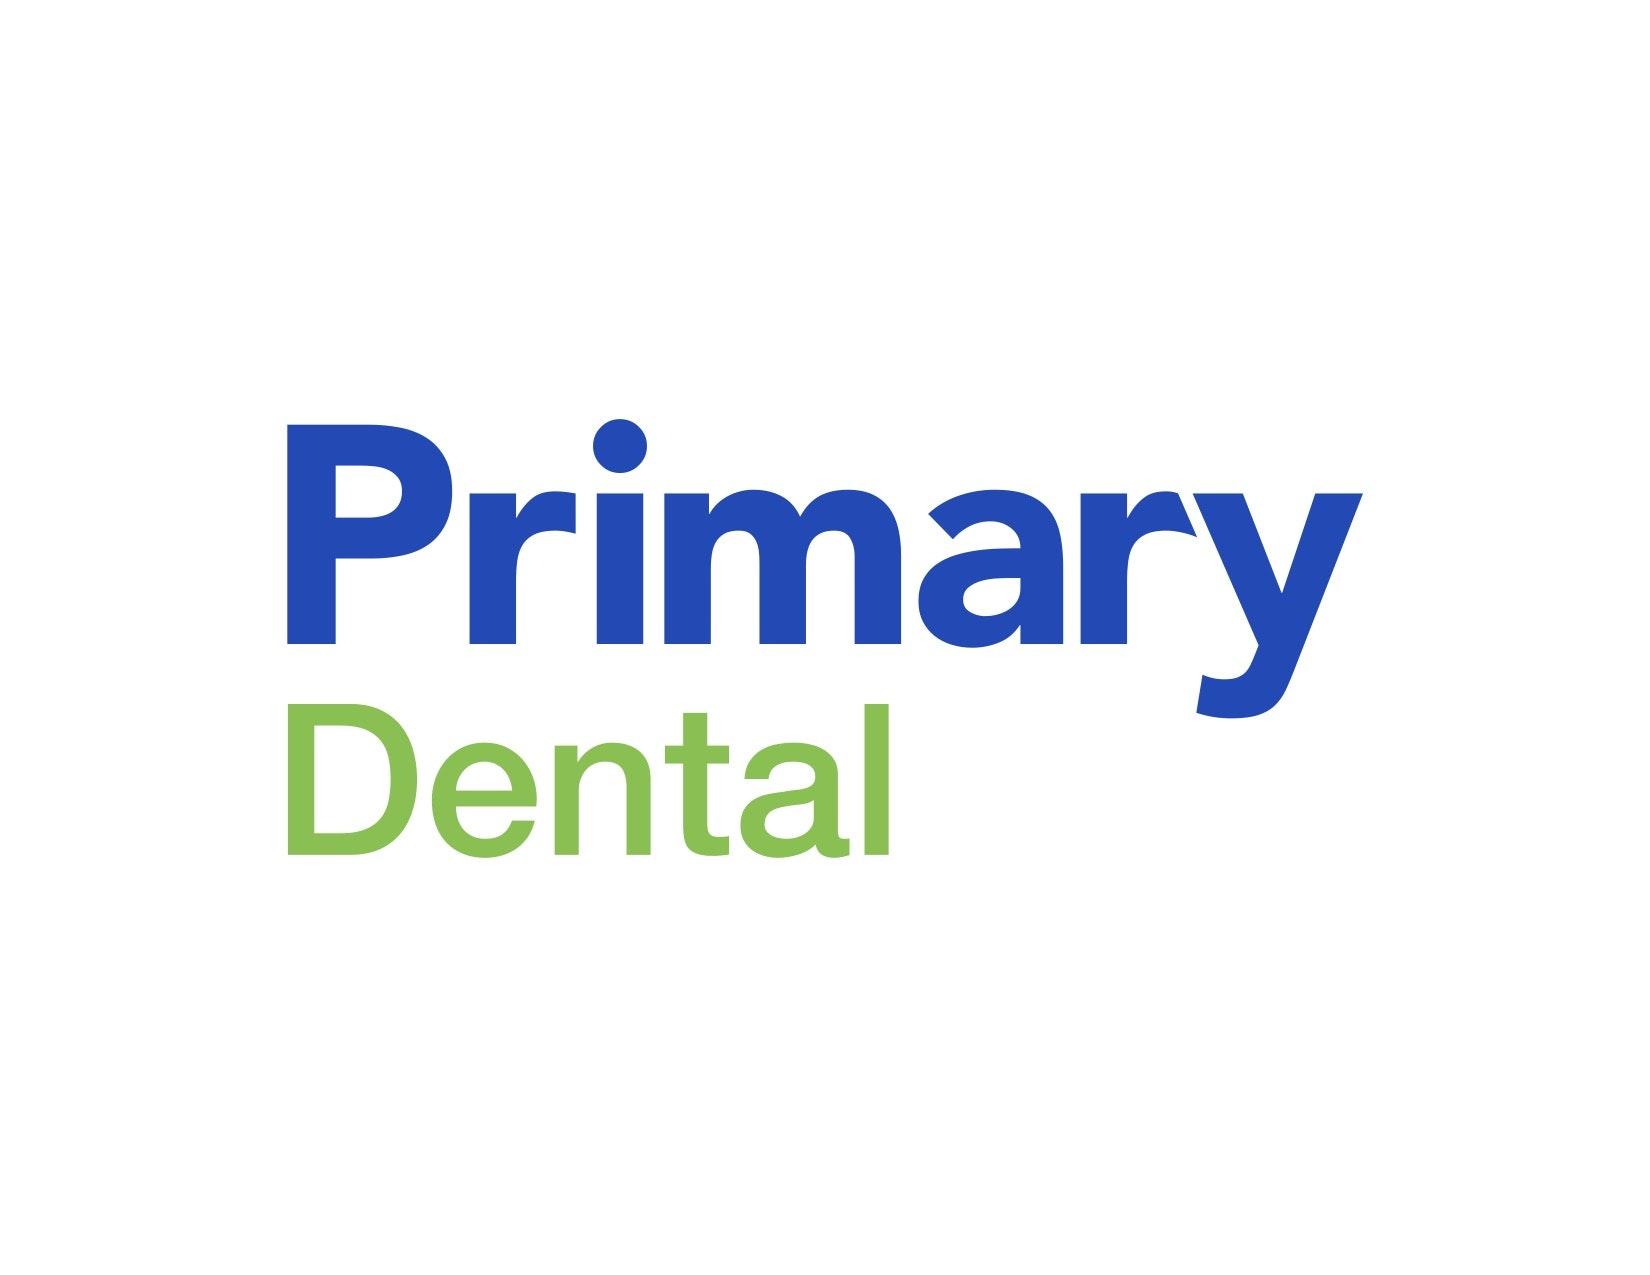 Medical & Dental Centre 490 Springvale Road Forest Hill (Primary Dental)